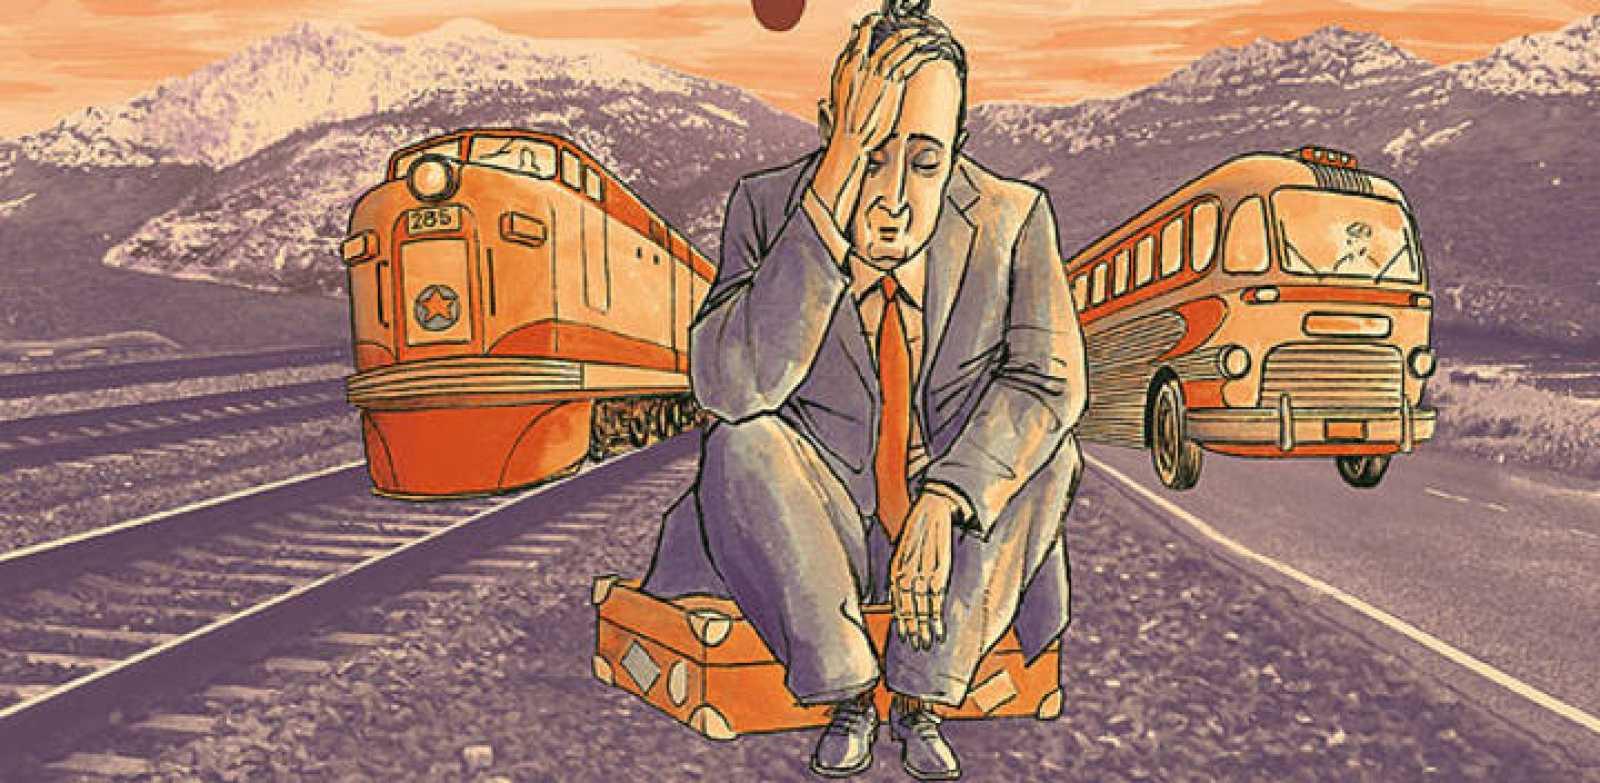 Detalle de la portada de 'Agencia de viajes Lemming', de José Carlos Fernandes